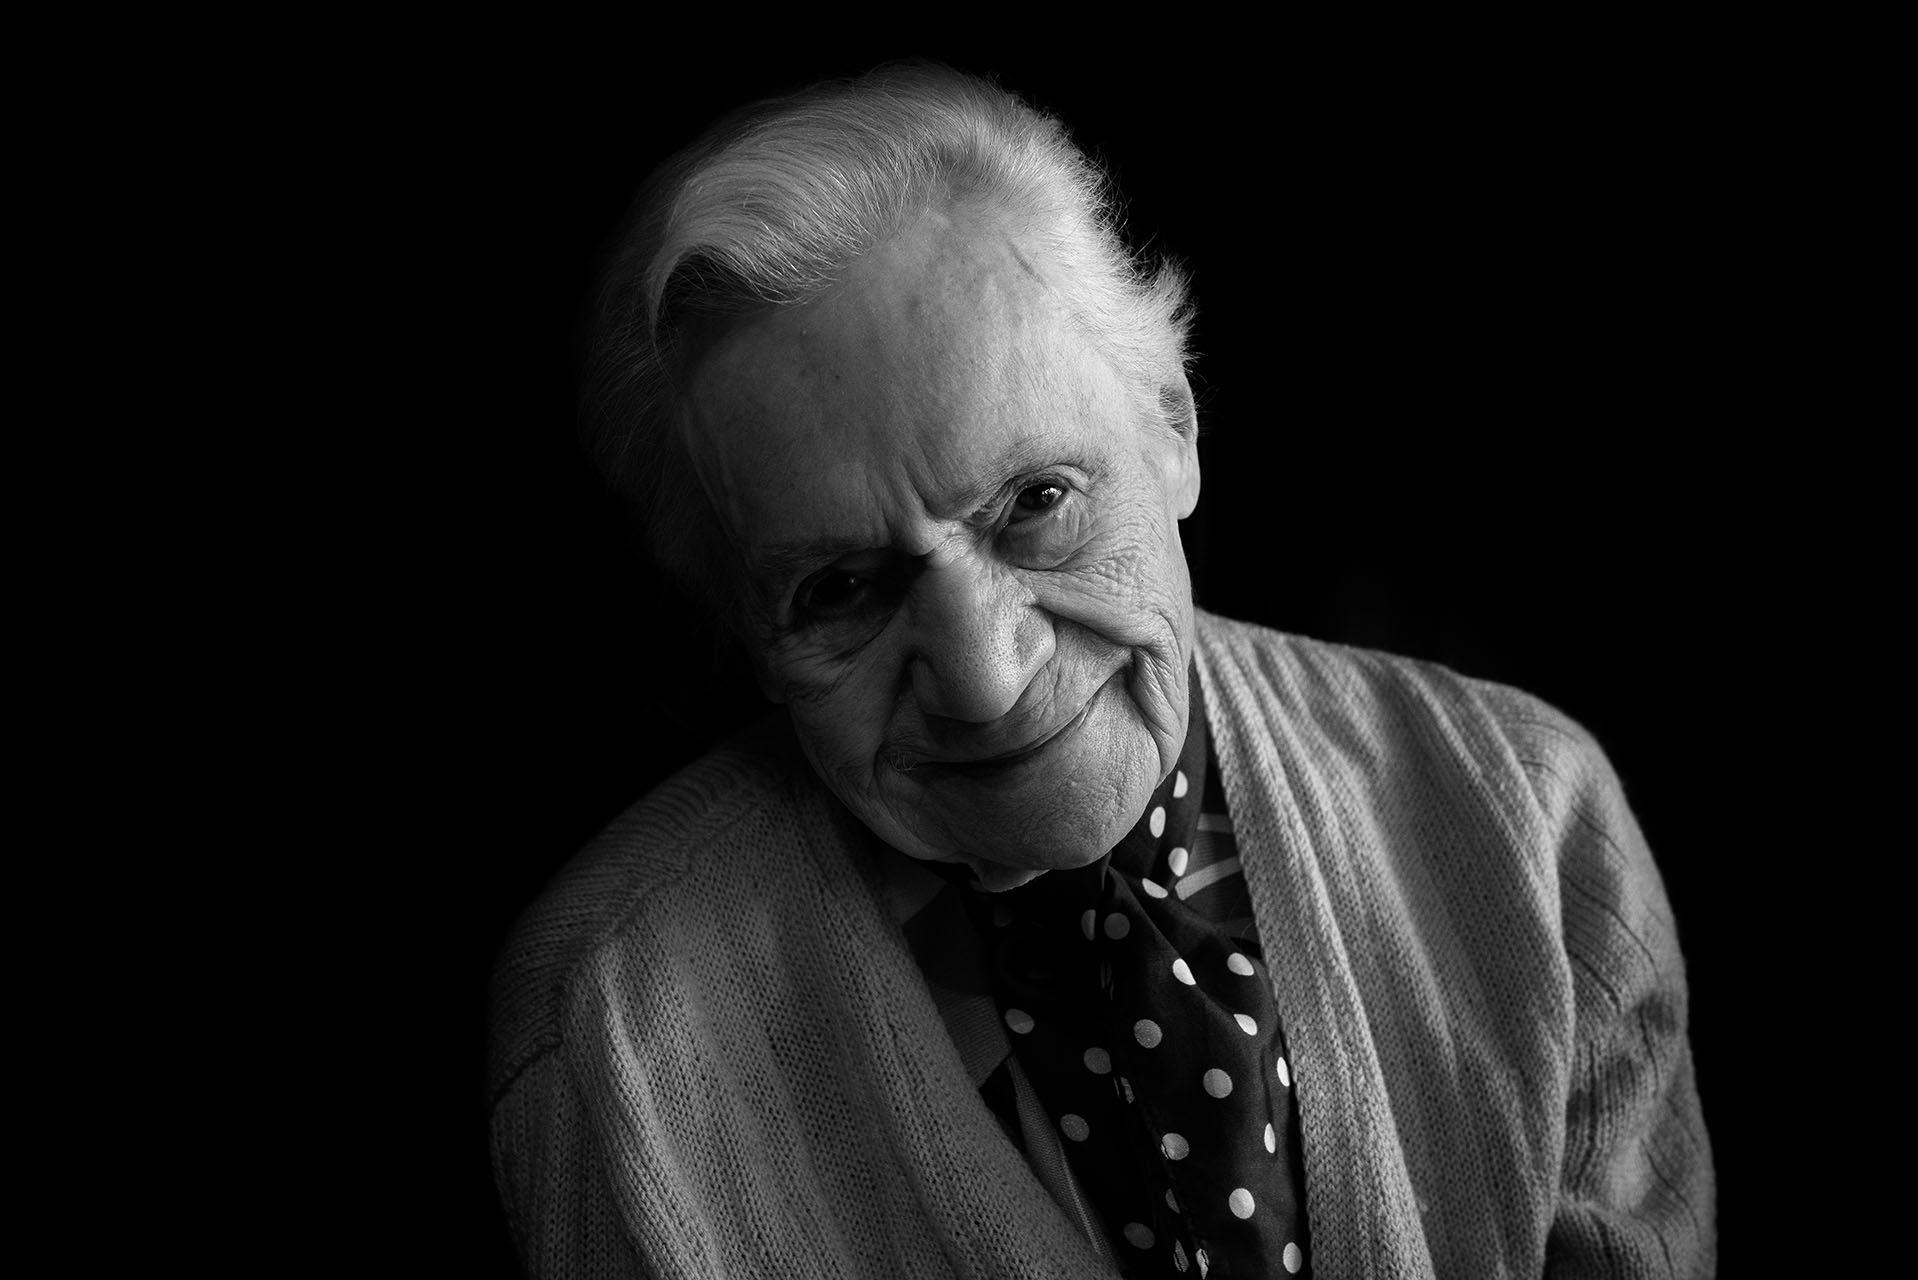 portraits-photographe-ile-de-france-des-centenaires-et-des-rose-val-de-marne-residence-tabanou